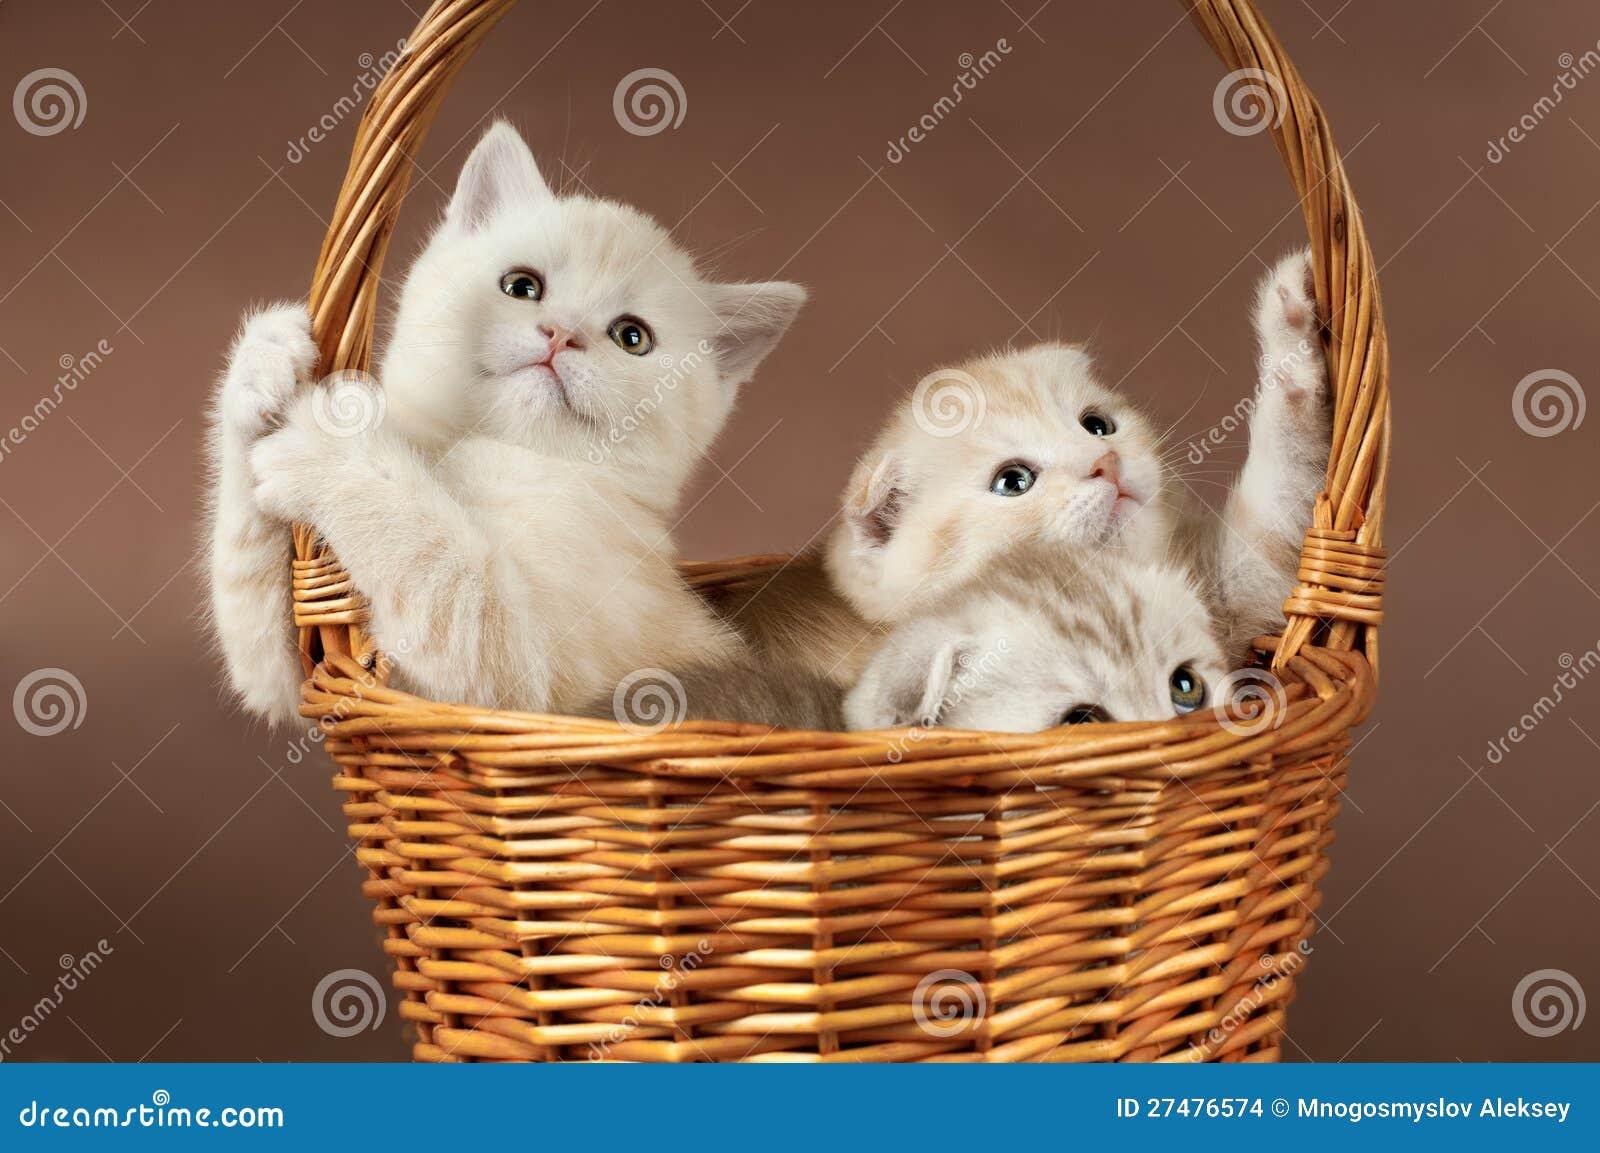 Petits chatons pelucheux